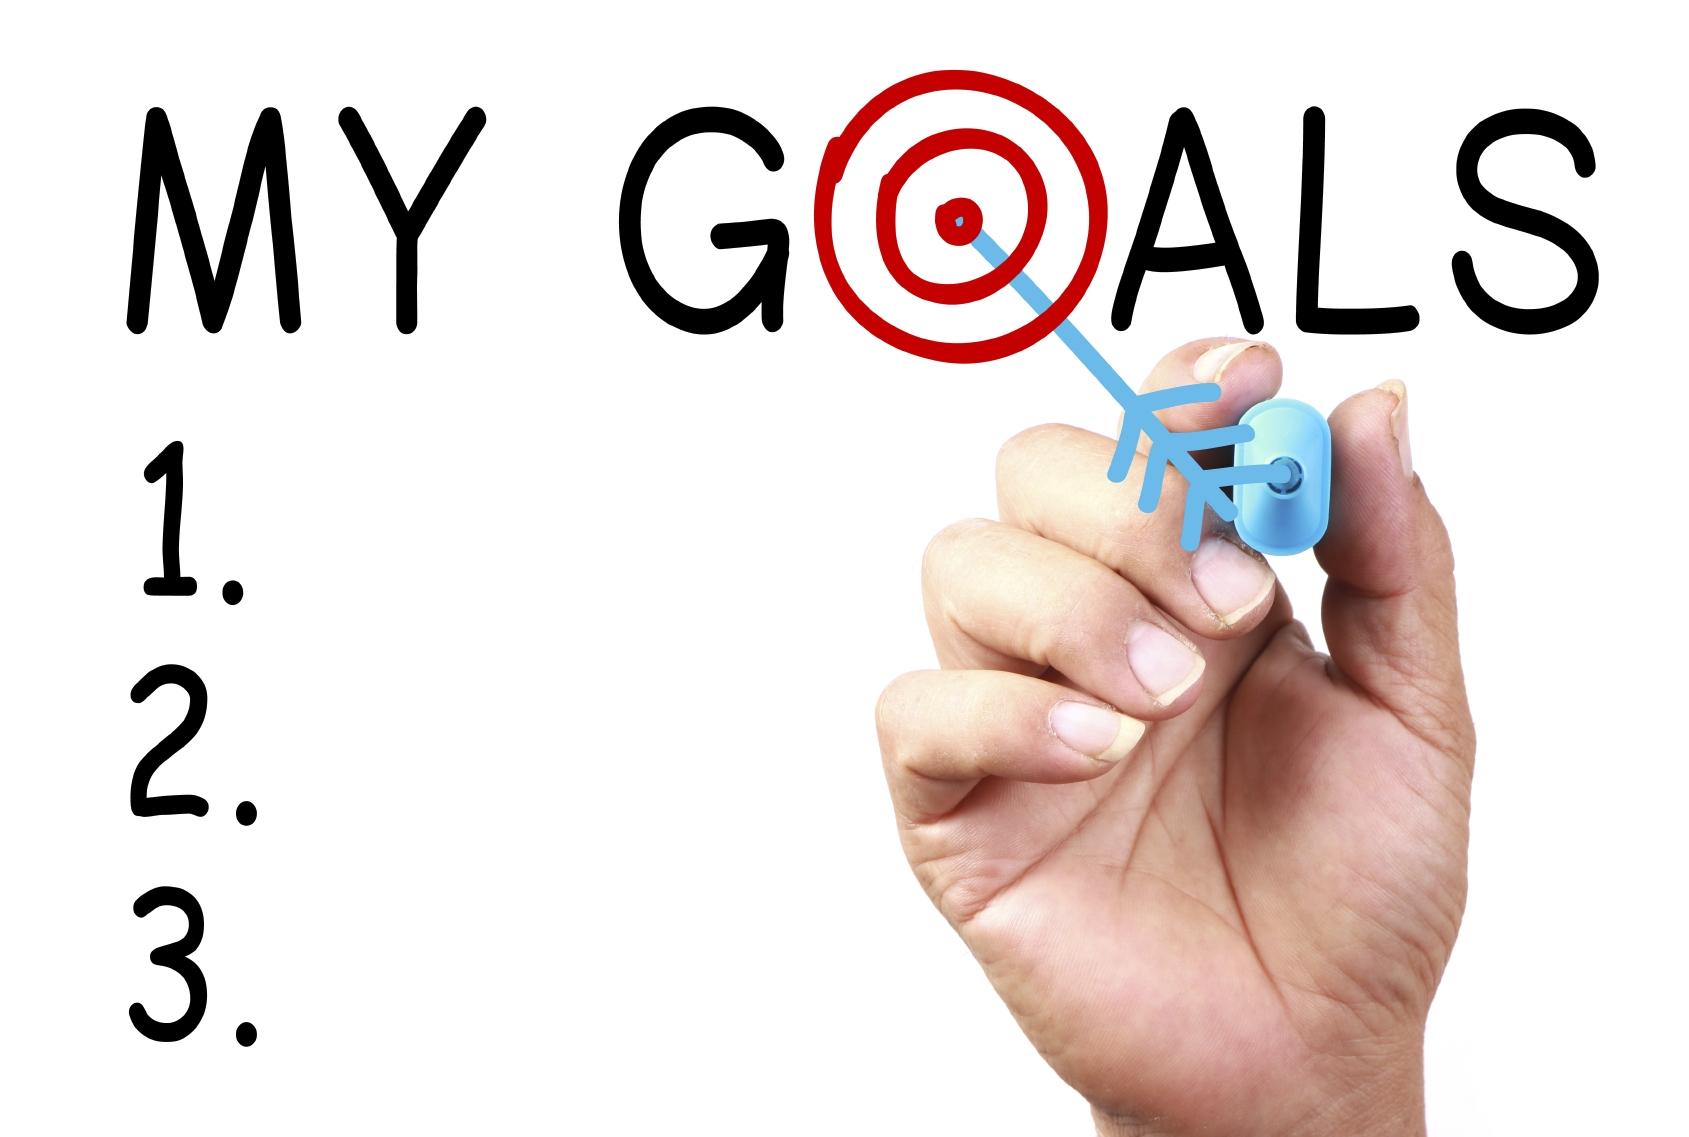 تحديد الاهداف و تحقيق النجاح : 11 قاعدة ذهبية